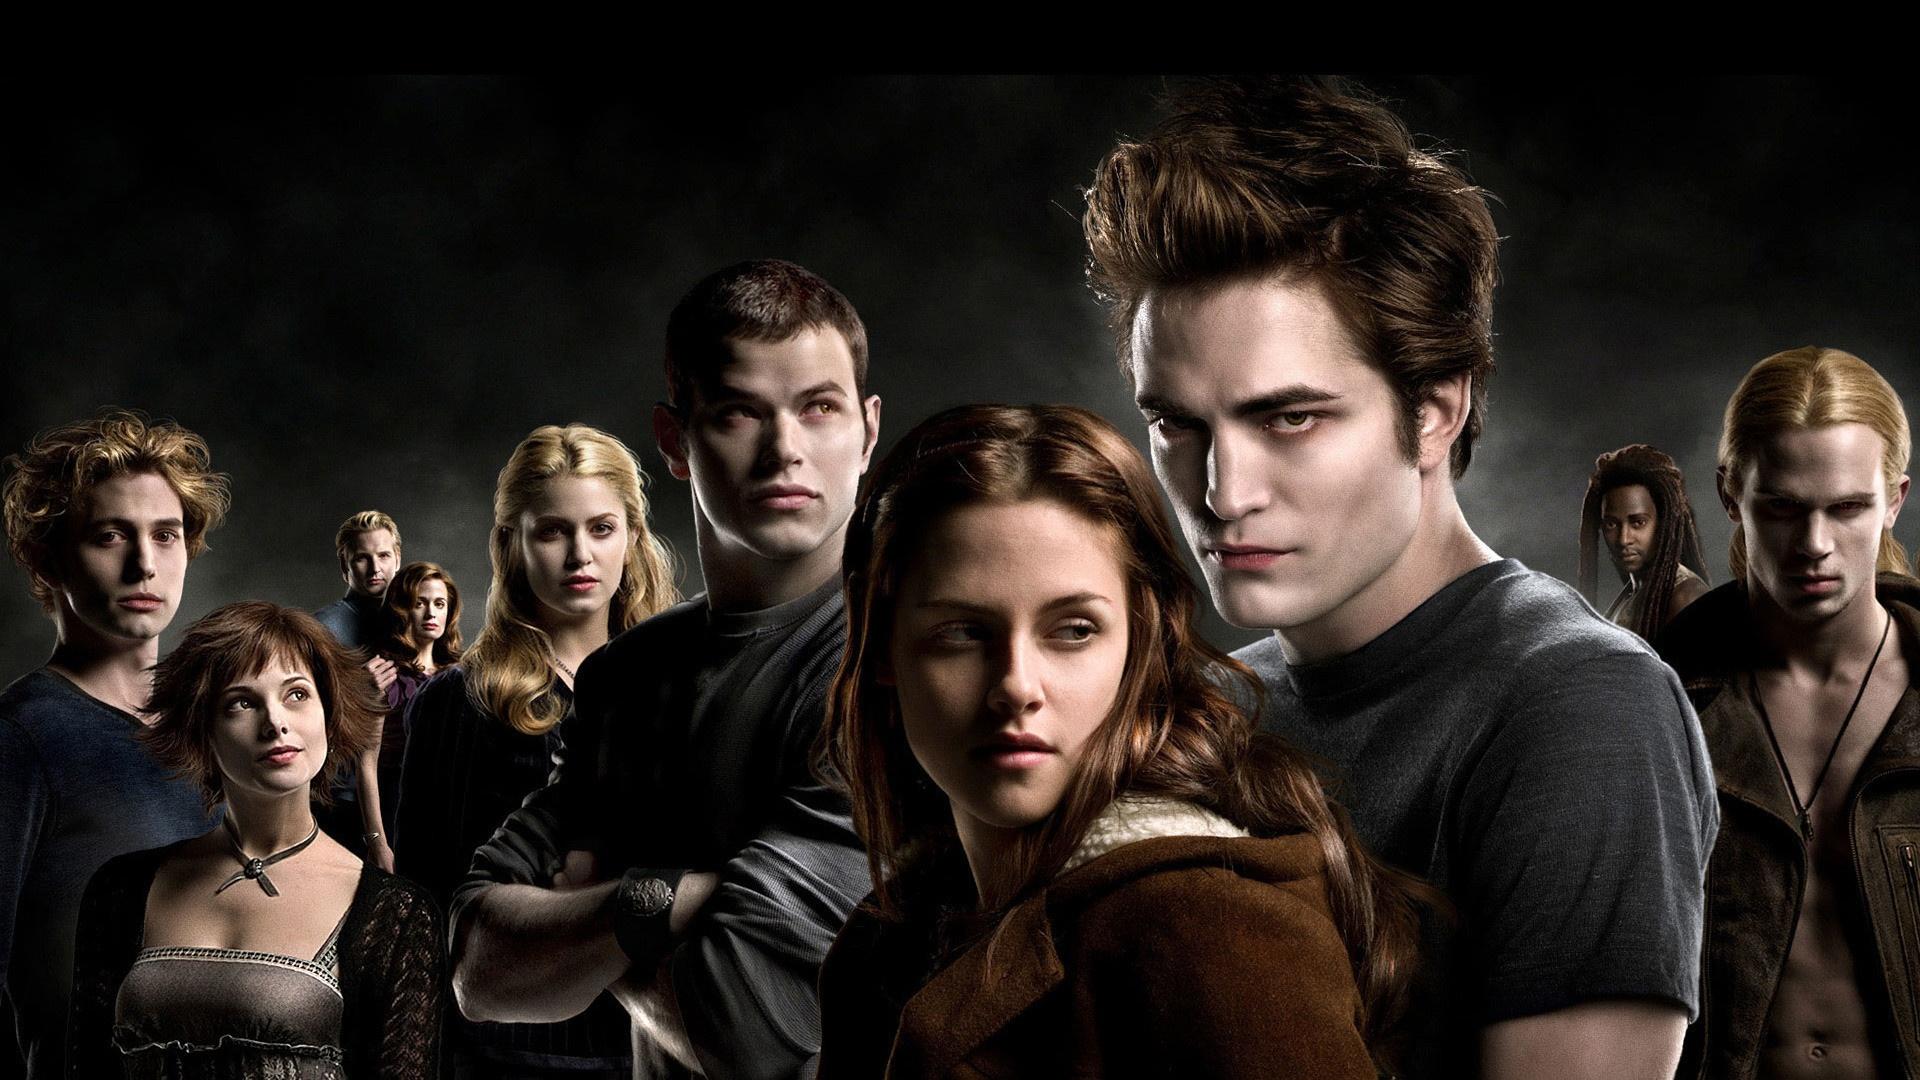 Twilight Breaking Dawn 2 wallpaper 10